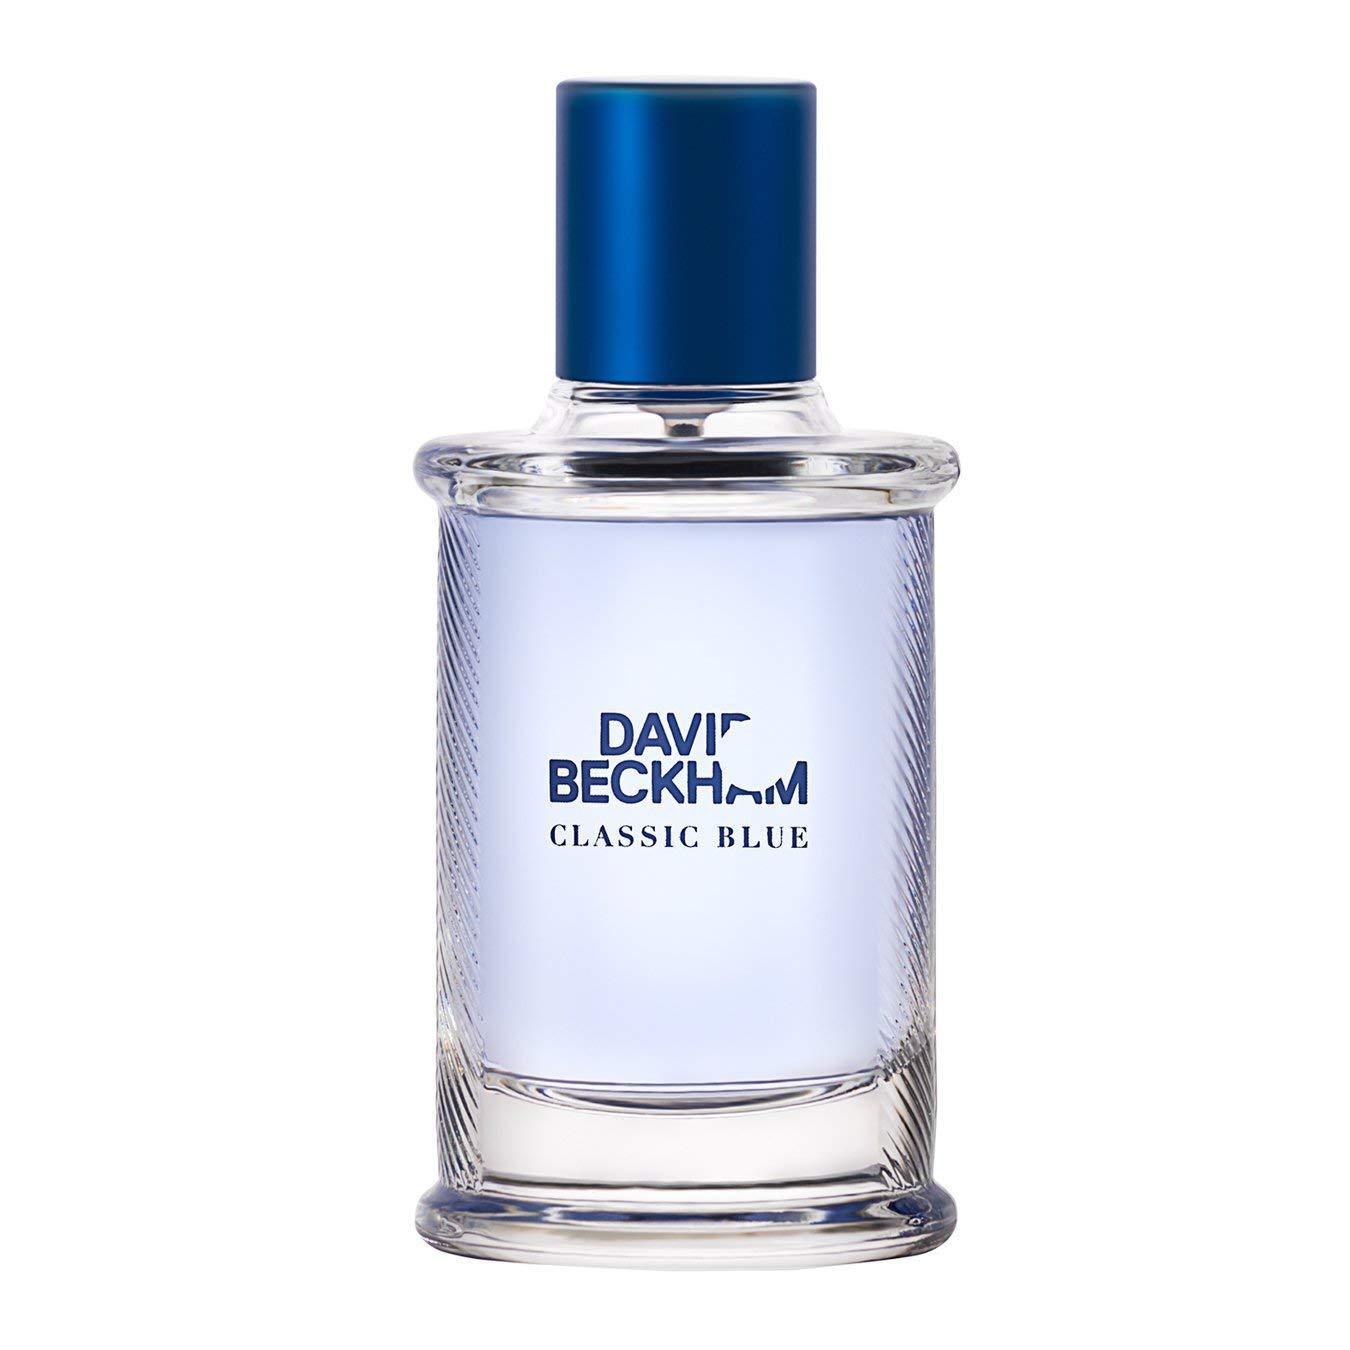 David Beckham Classic Blue Eau De Toilette for Men, 90 ml Coty Beauty 32777822000